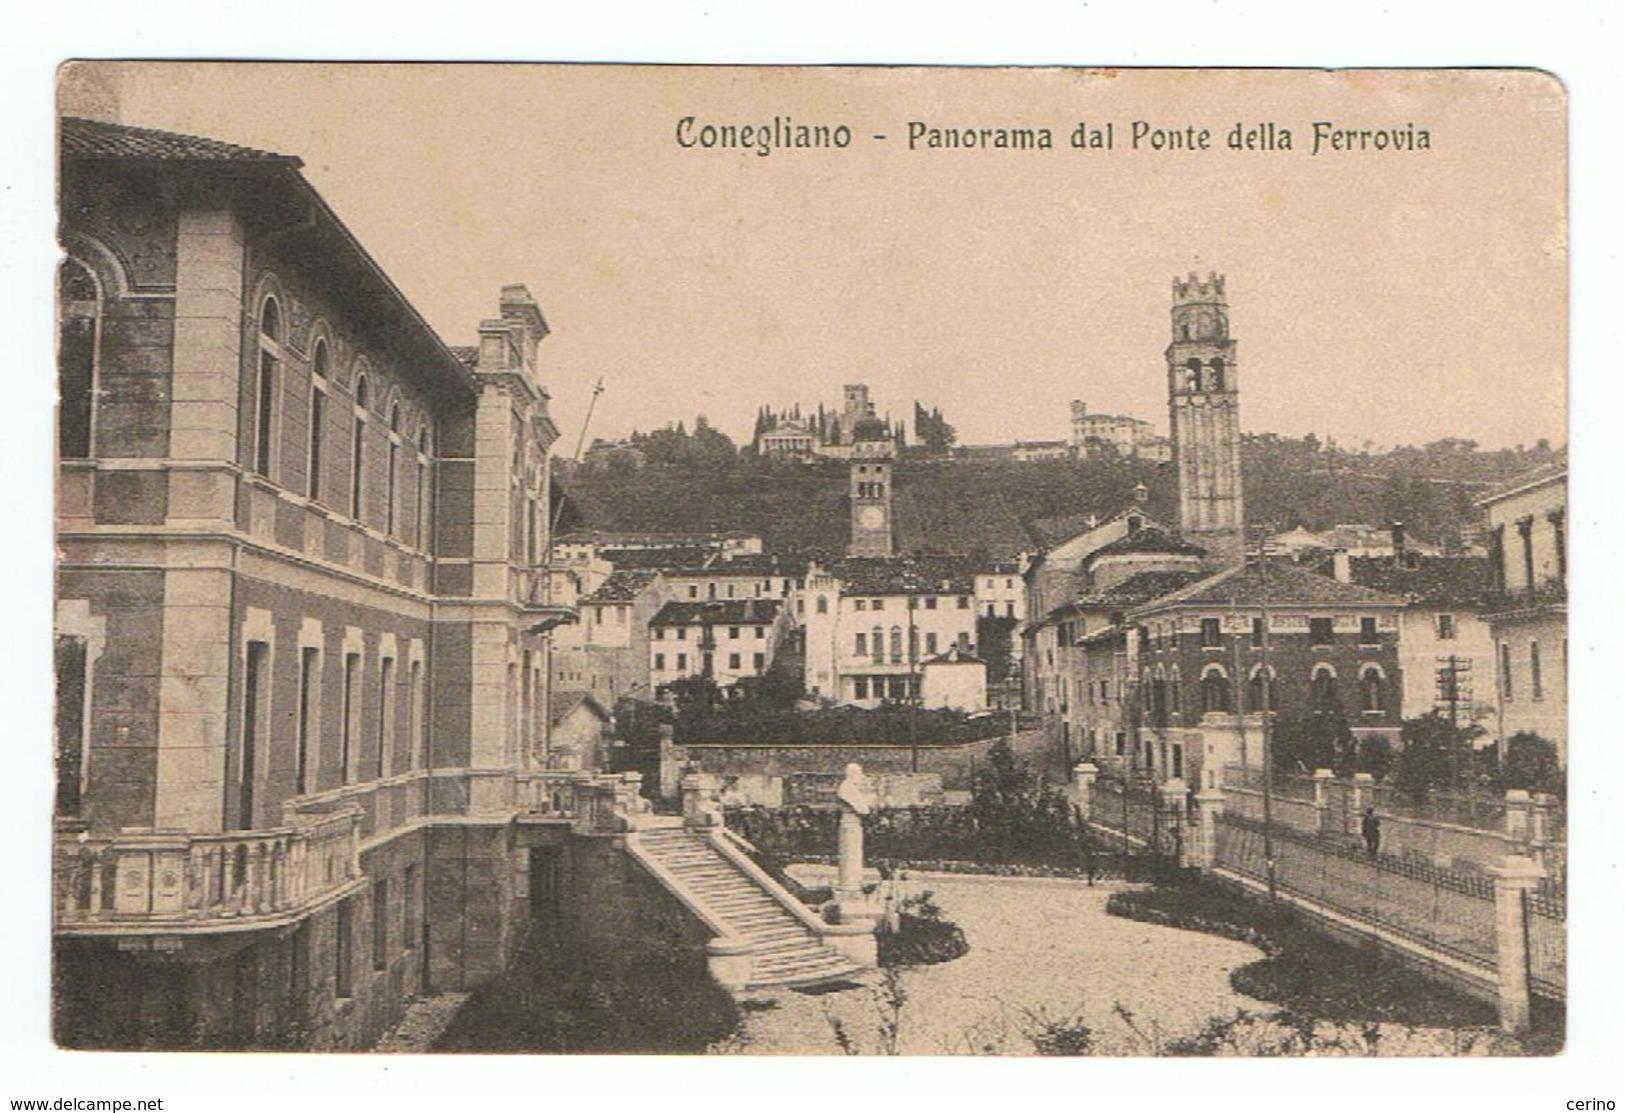 CONEGLIANO:  PANORAMA  DAL  PONTE  DELLA  FERROVIA  -  F.LLO  TOLTO  -  FP - Treviso